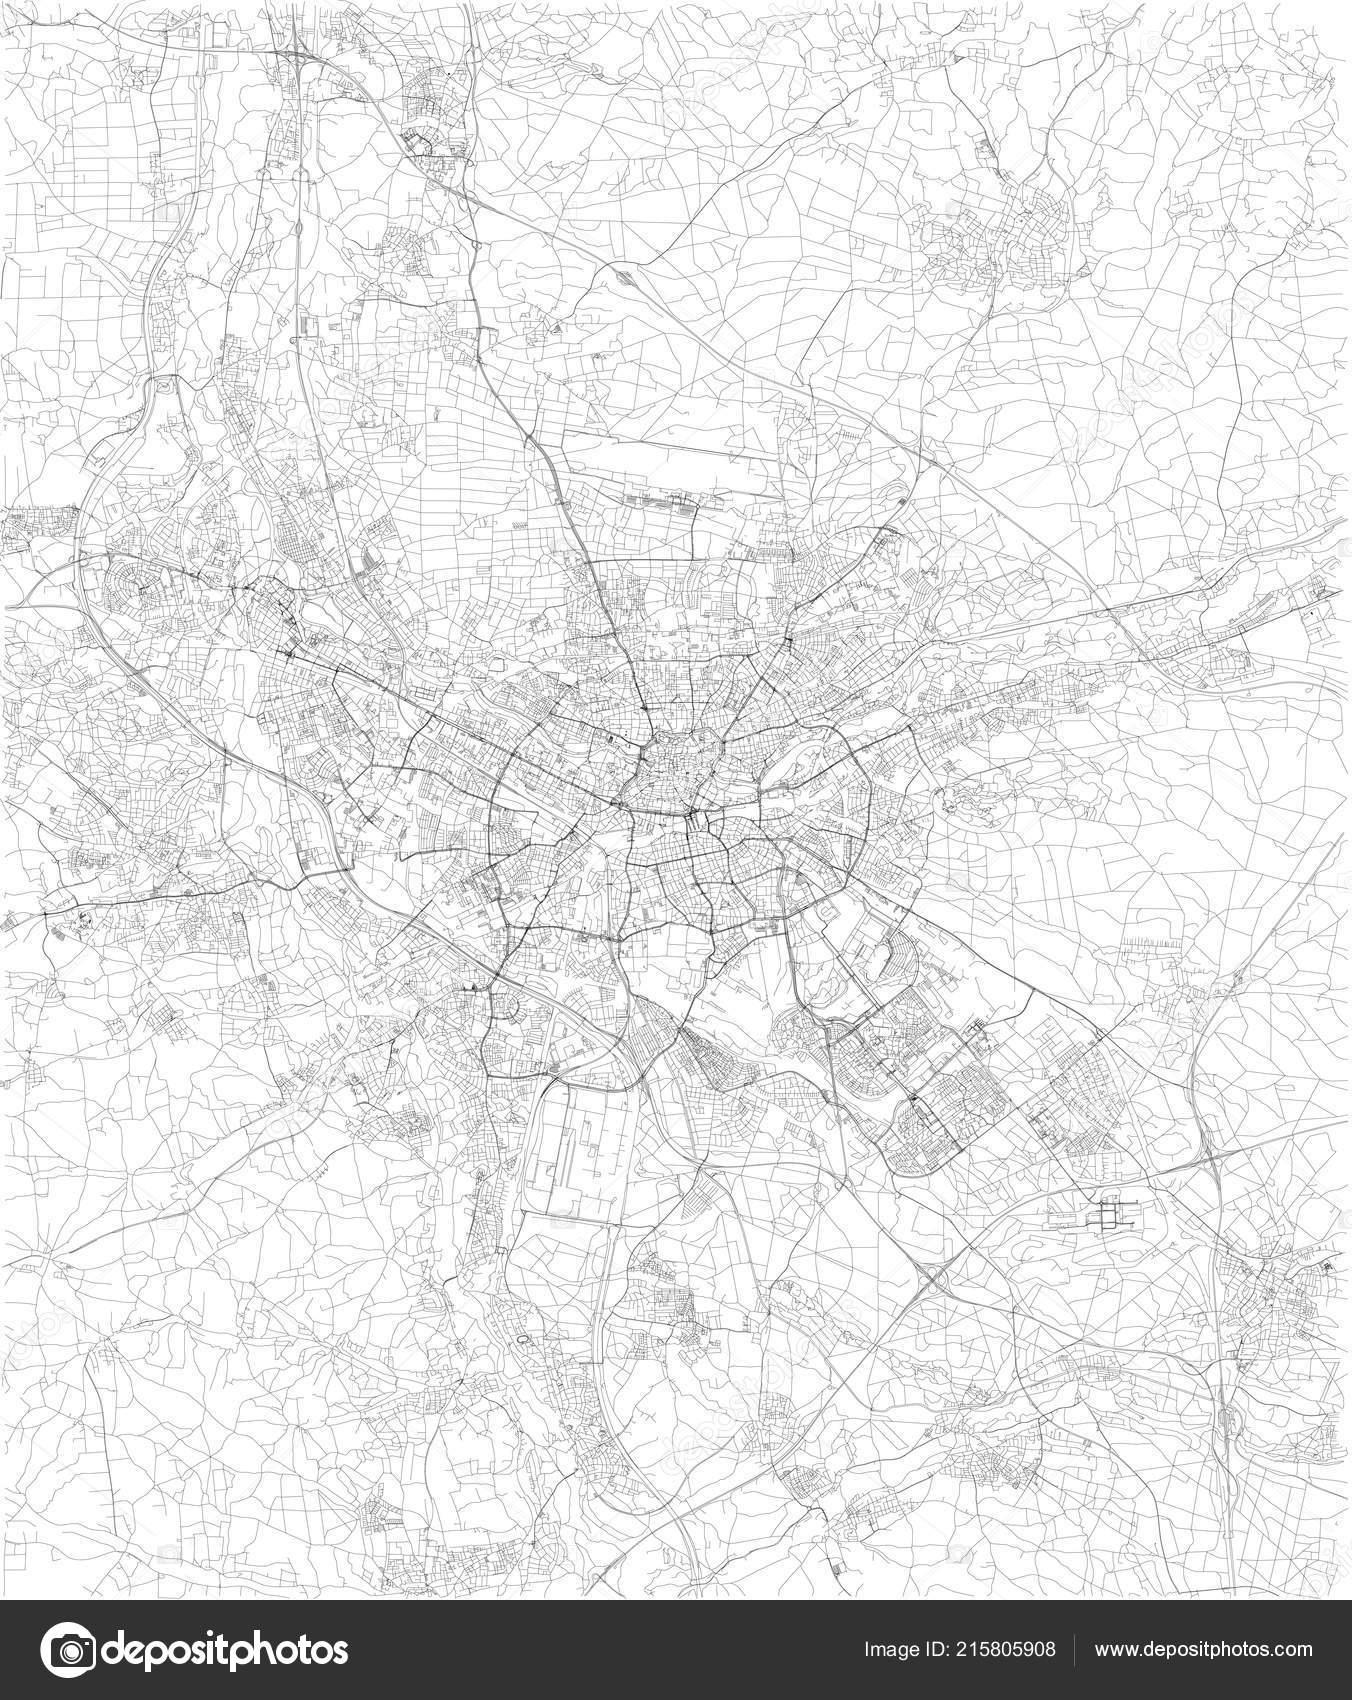 Nürnberg Karte Deutschland.Nürnberg Karte Satellitenbild Schwarze Und Weiße Karte Straße